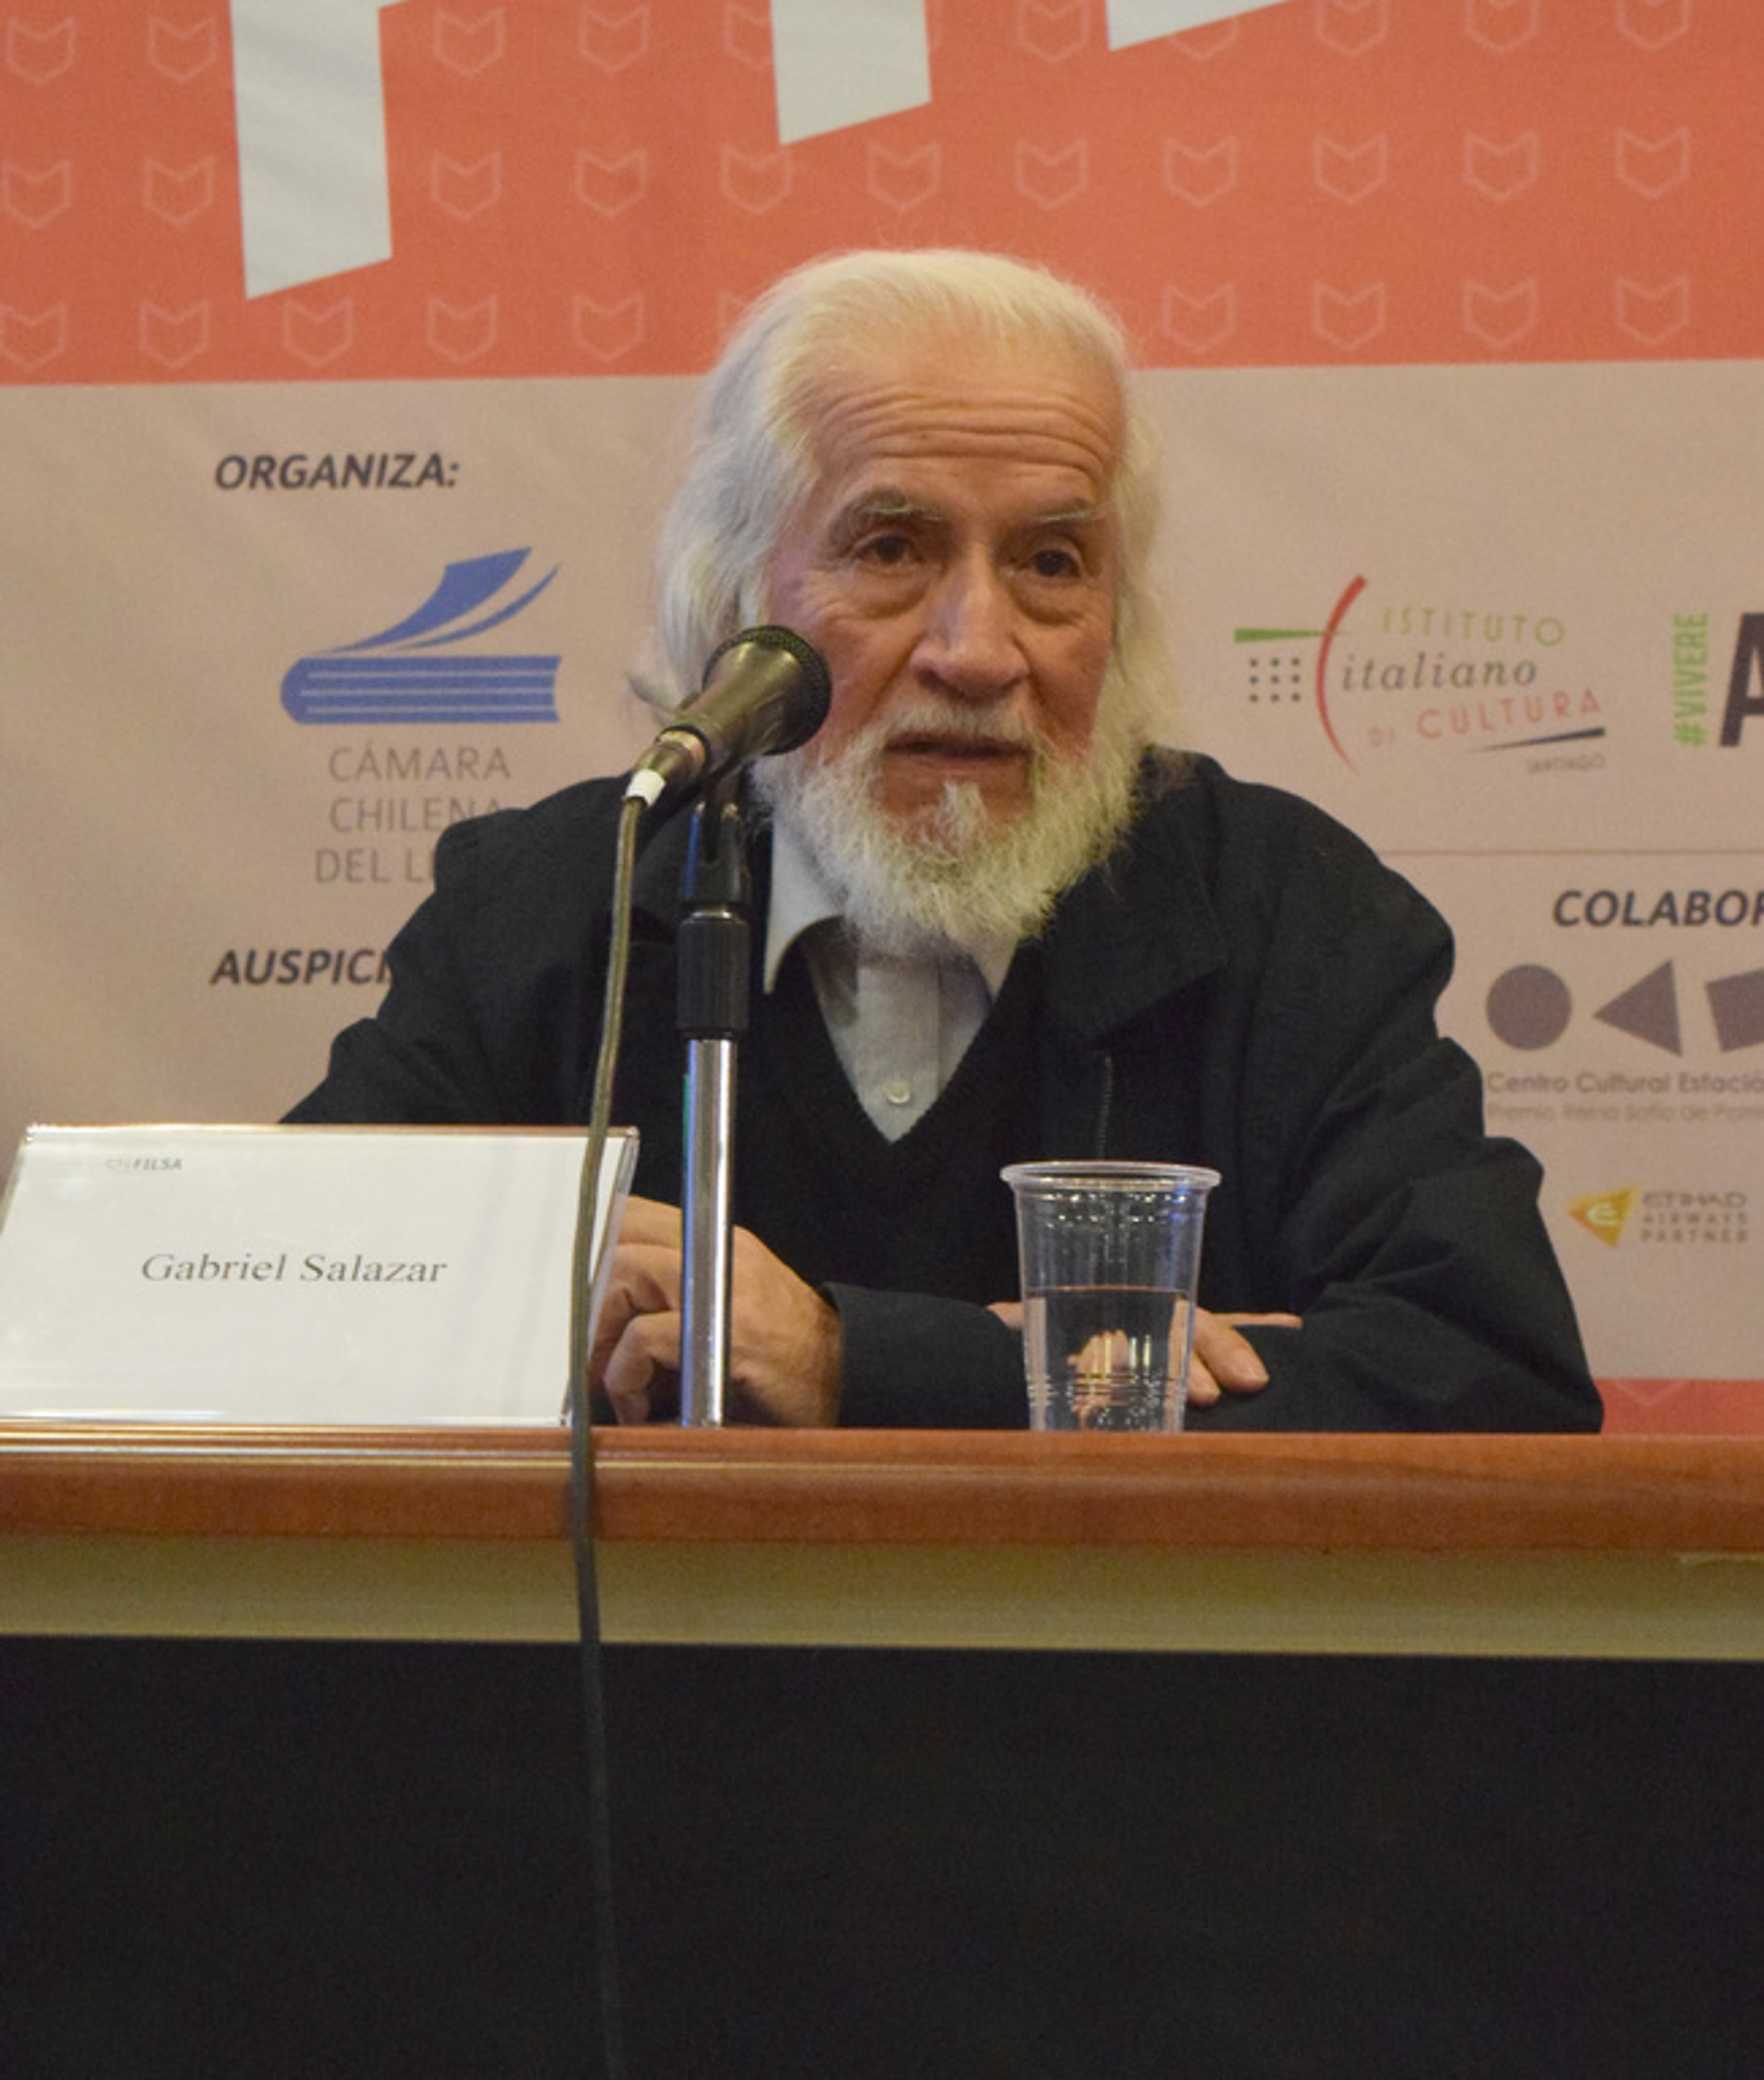 Gabriel Salazar Vergara